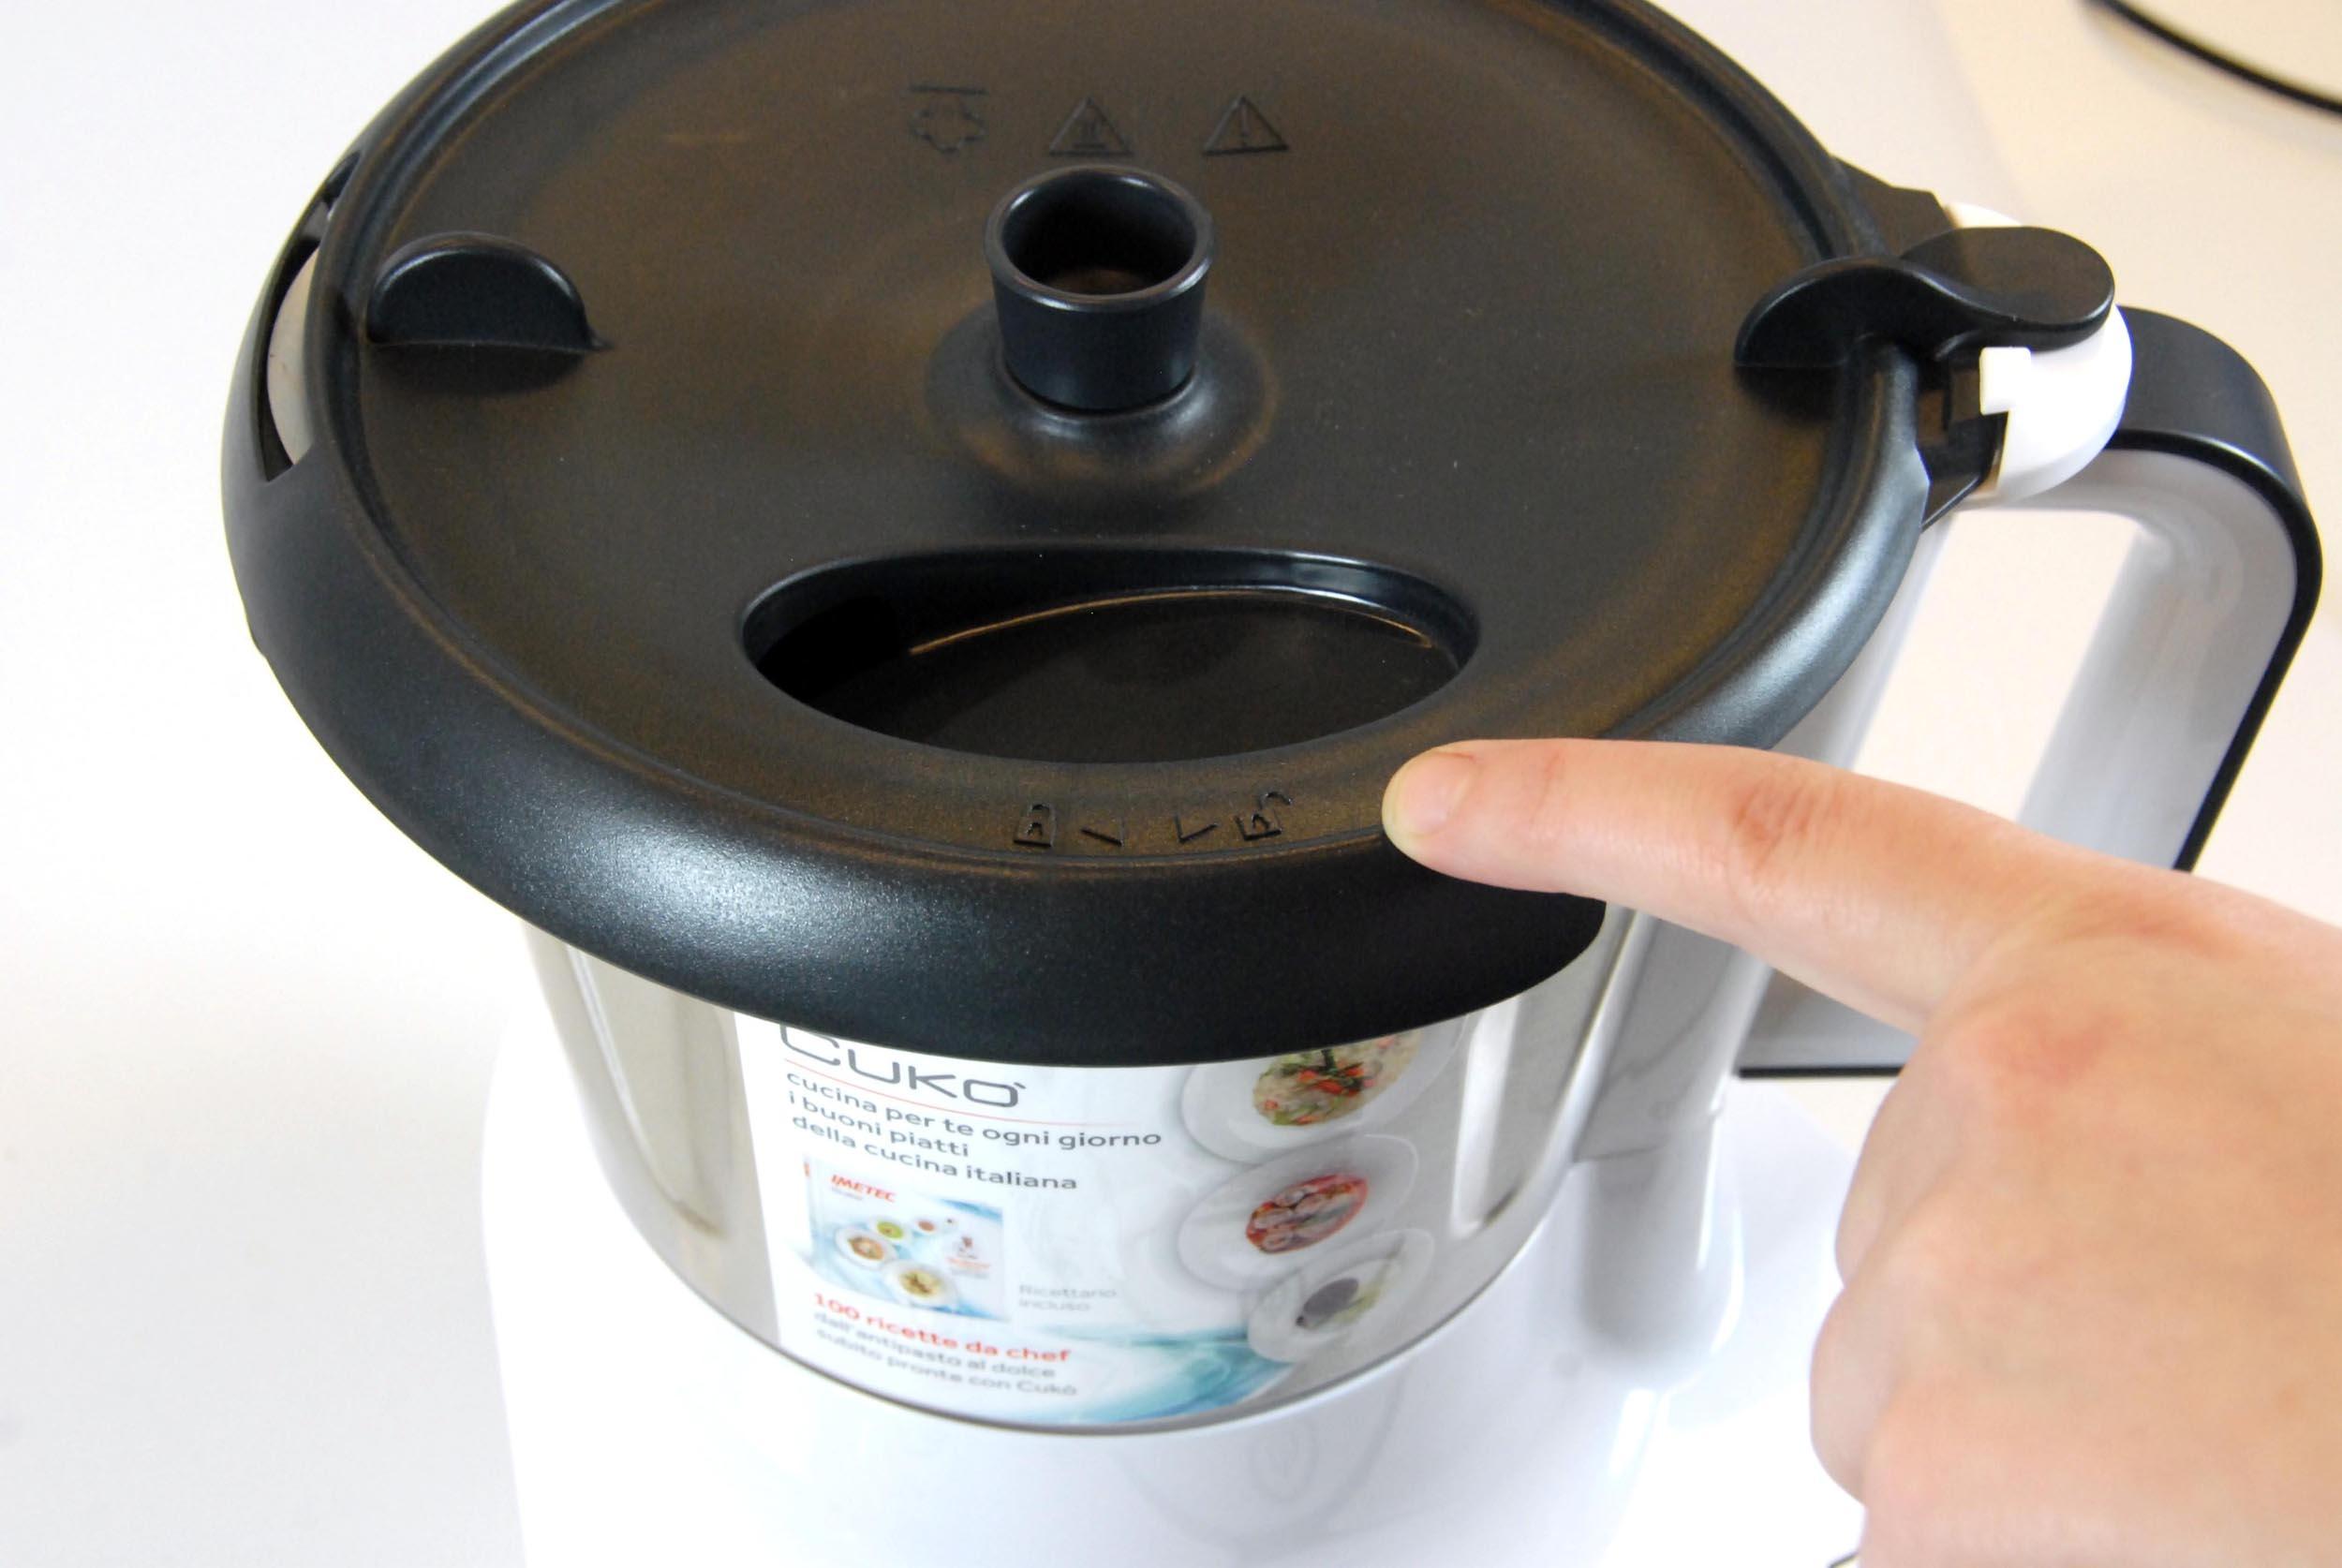 Robot Da Cucina Per Cuocere : Imetec cukò la migliore guida per l acquisto con foto e video